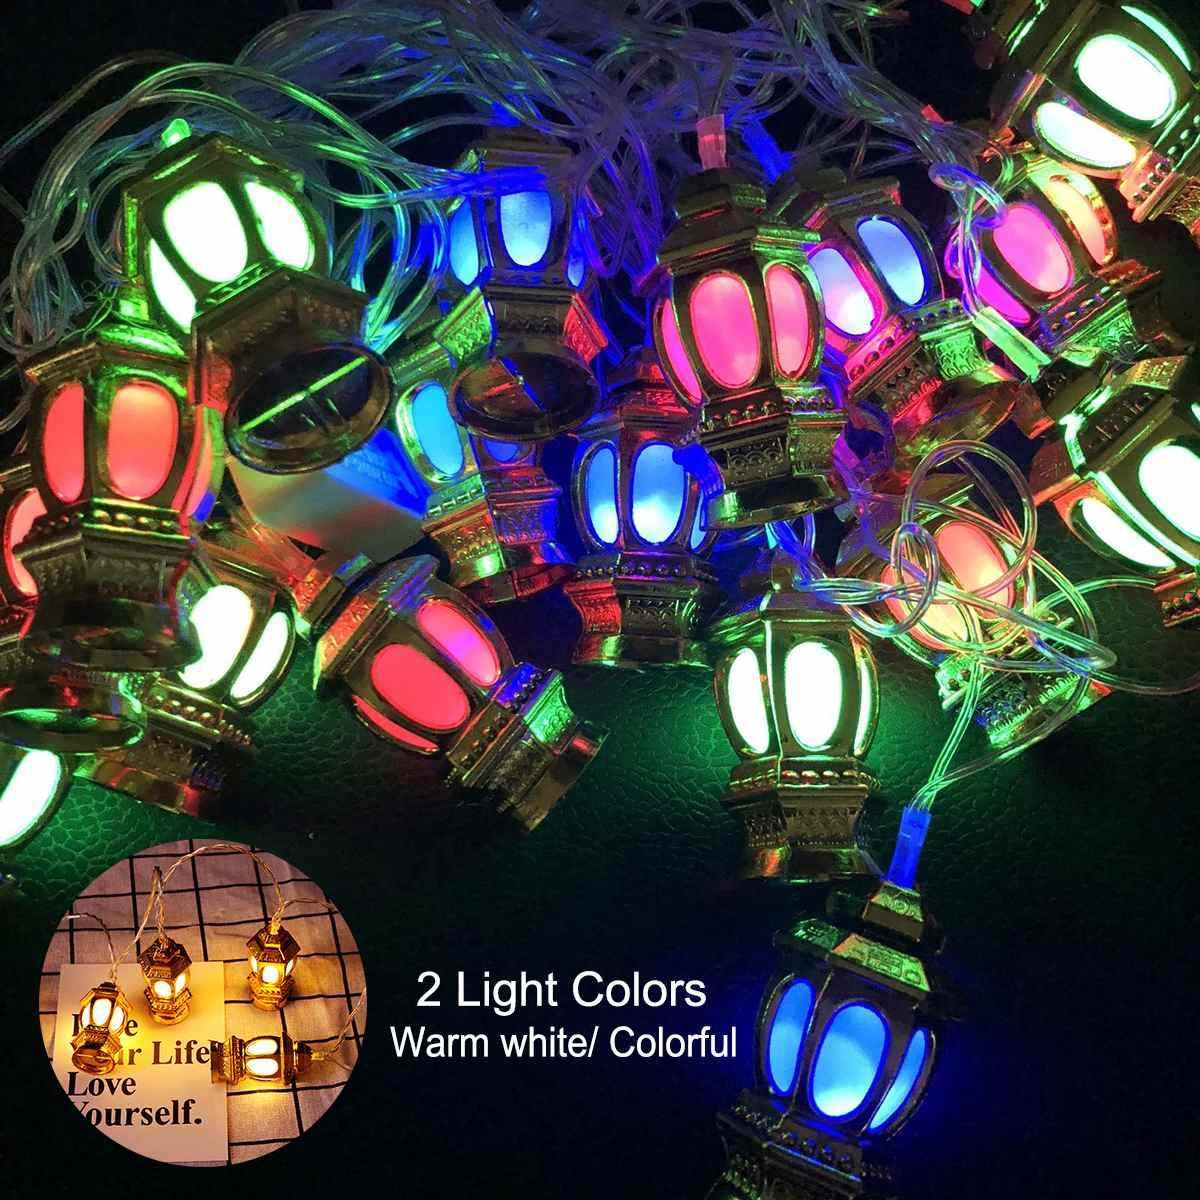 Dây Đèn Nhiều Màu Sắc Đèn 165 cm 10 EID Ramadan Mặt Trăng Trang Trí Tiệc Hồi Giáo 10 ĐÈN LED Đèn Lồng EID Đồ Trang Trí Cho Gia Đình vườn Cây